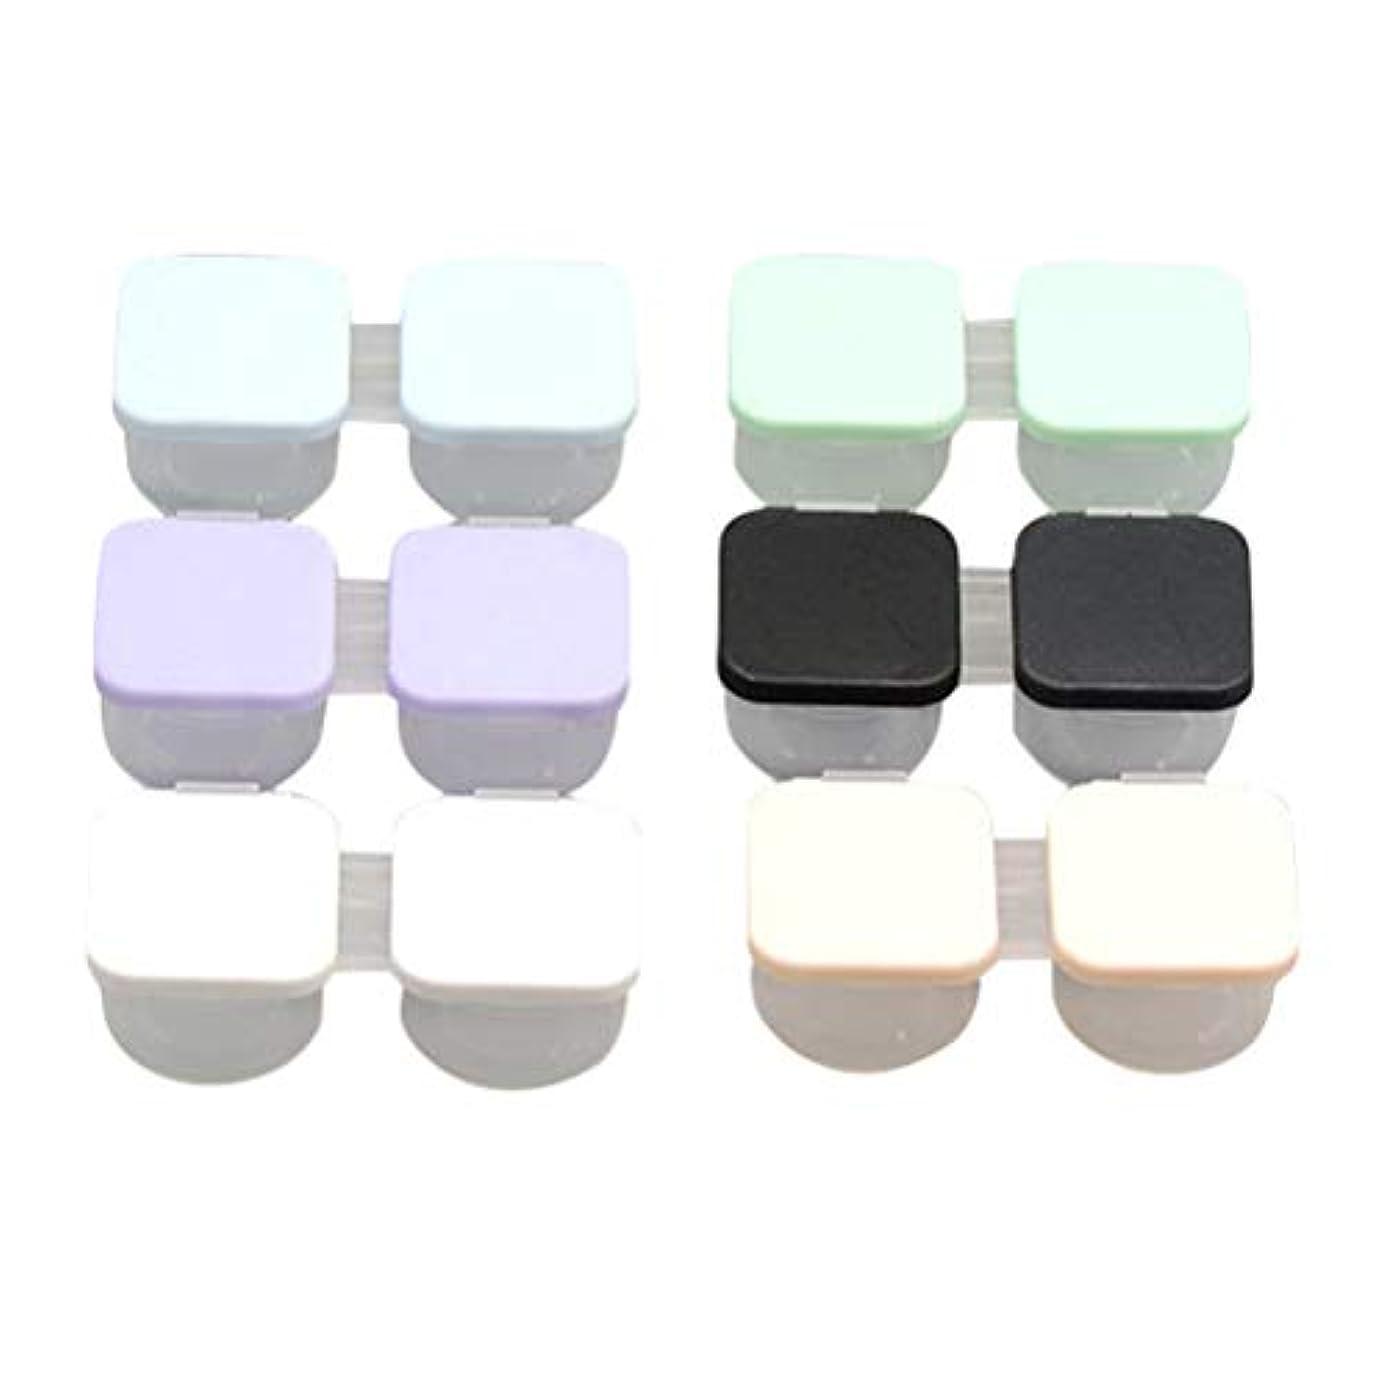 エラーあまりにも不要SUPVOX コンタクトケース ケアパレット 保存ケース プラスチック製 軽量 安全6個入(混色)